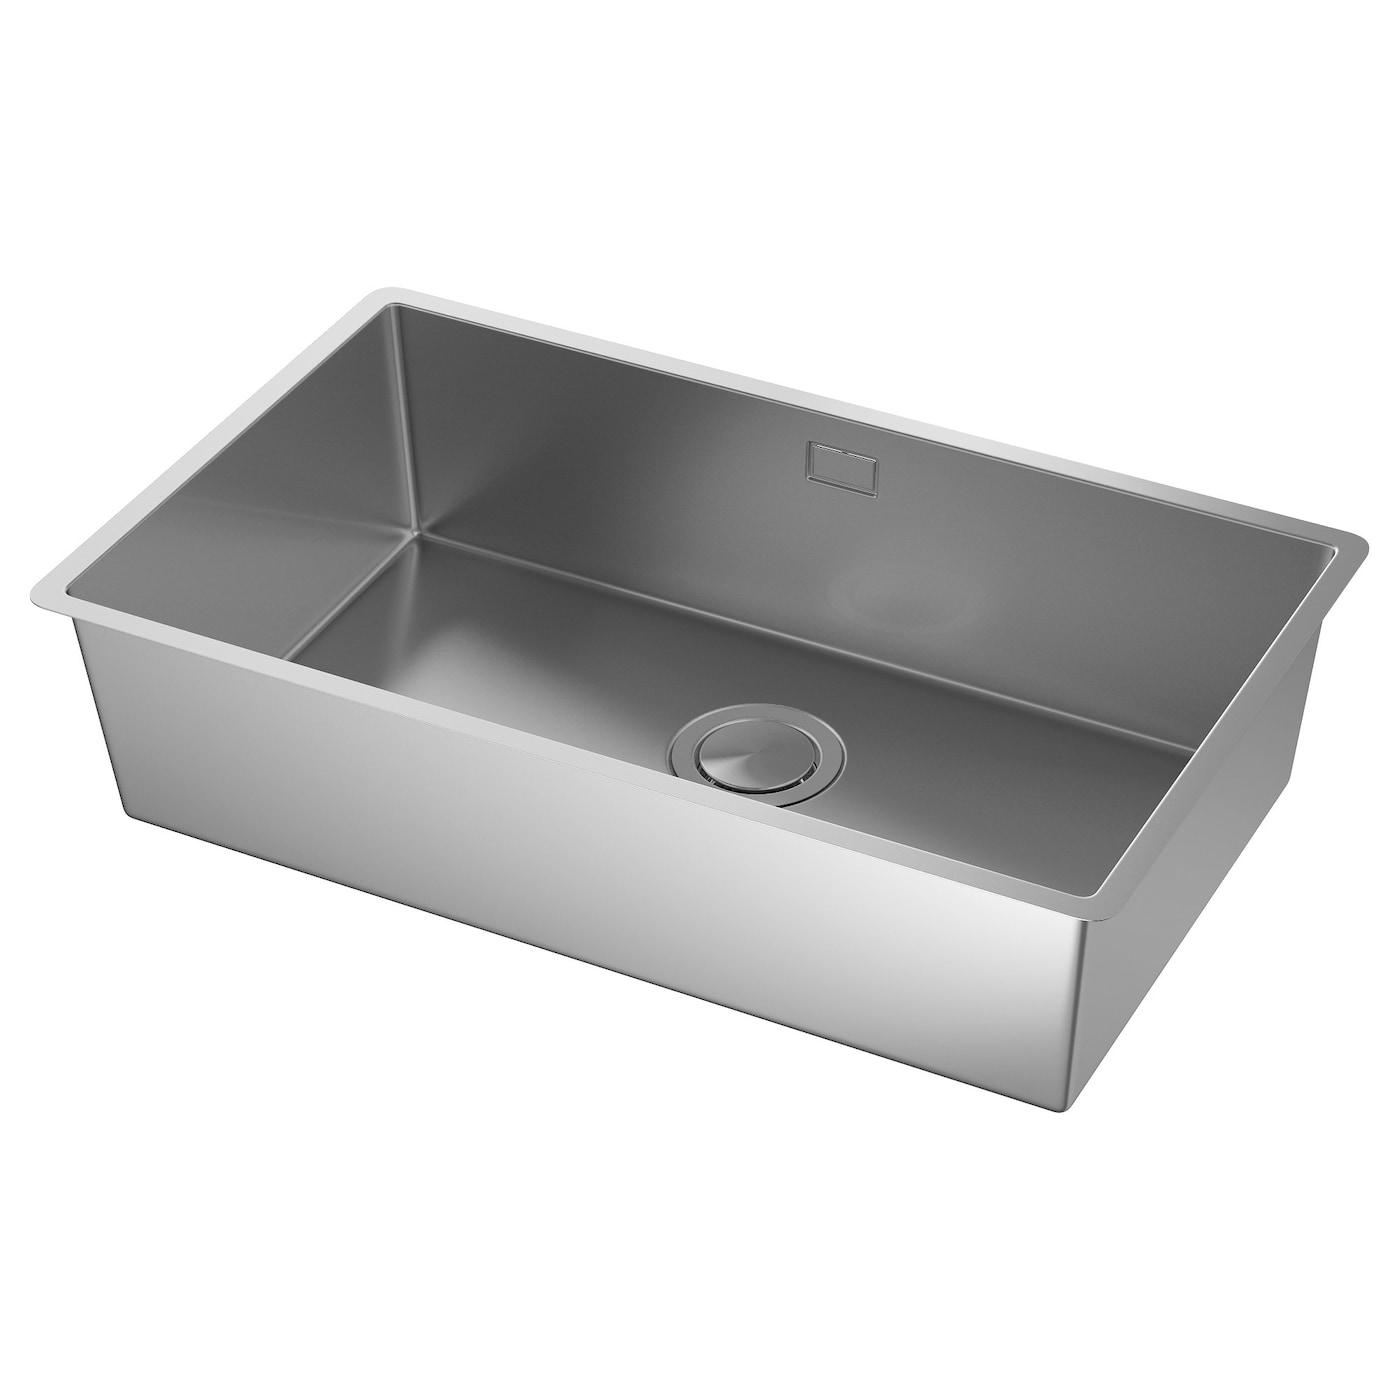 Ikea Kitchen Sinks